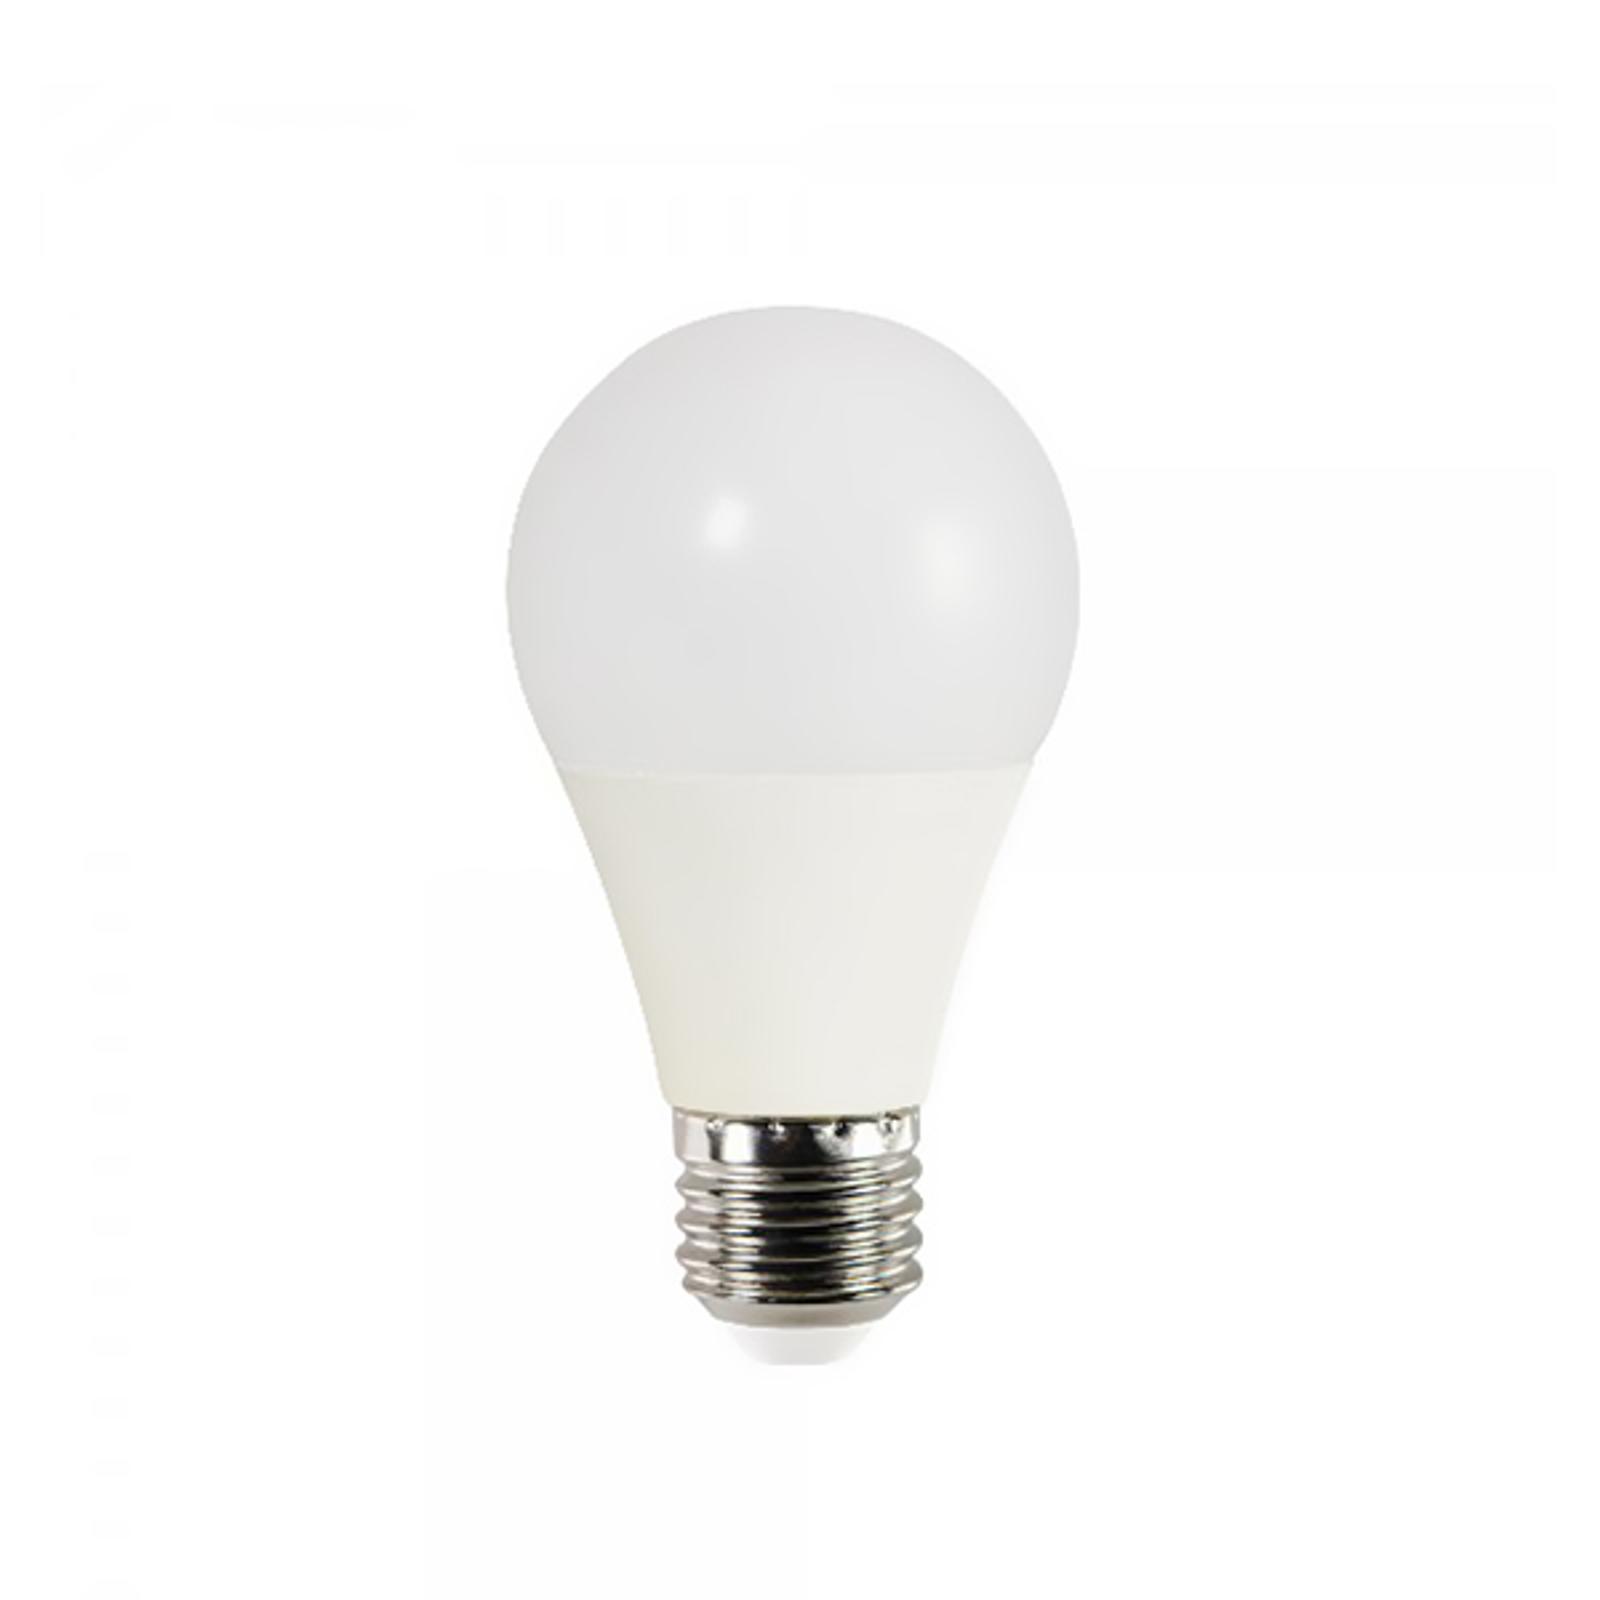 Ampoule LED Araxa E27 8W 828